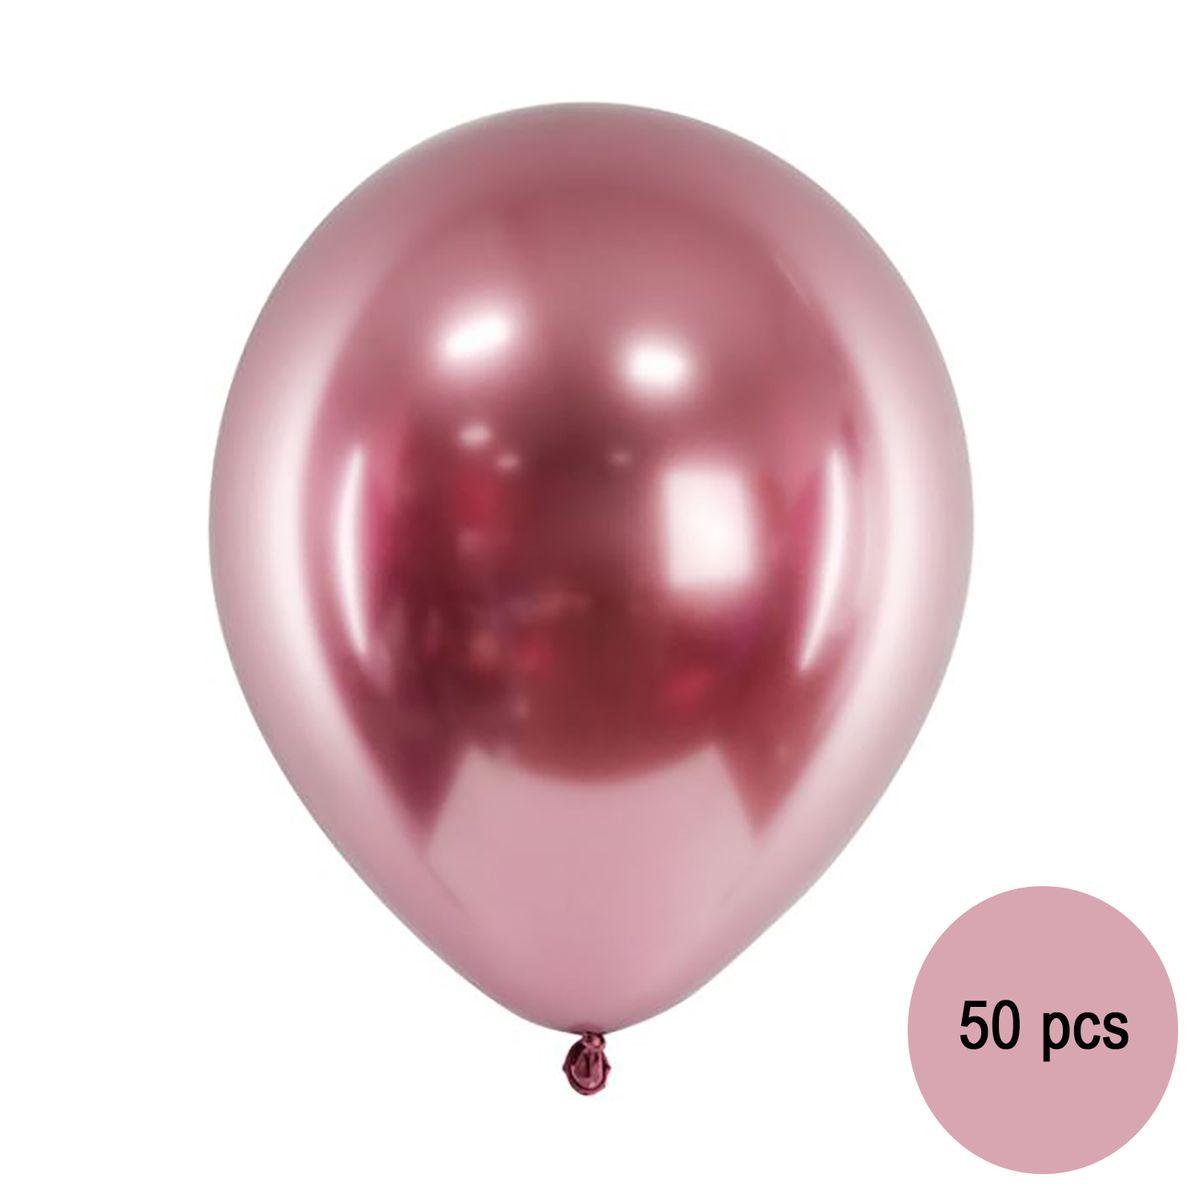 50 Luftballons metallic roségold Ø 30 cm Deko Hochzeit Geburtstag Valentinstag Party-Zubehör